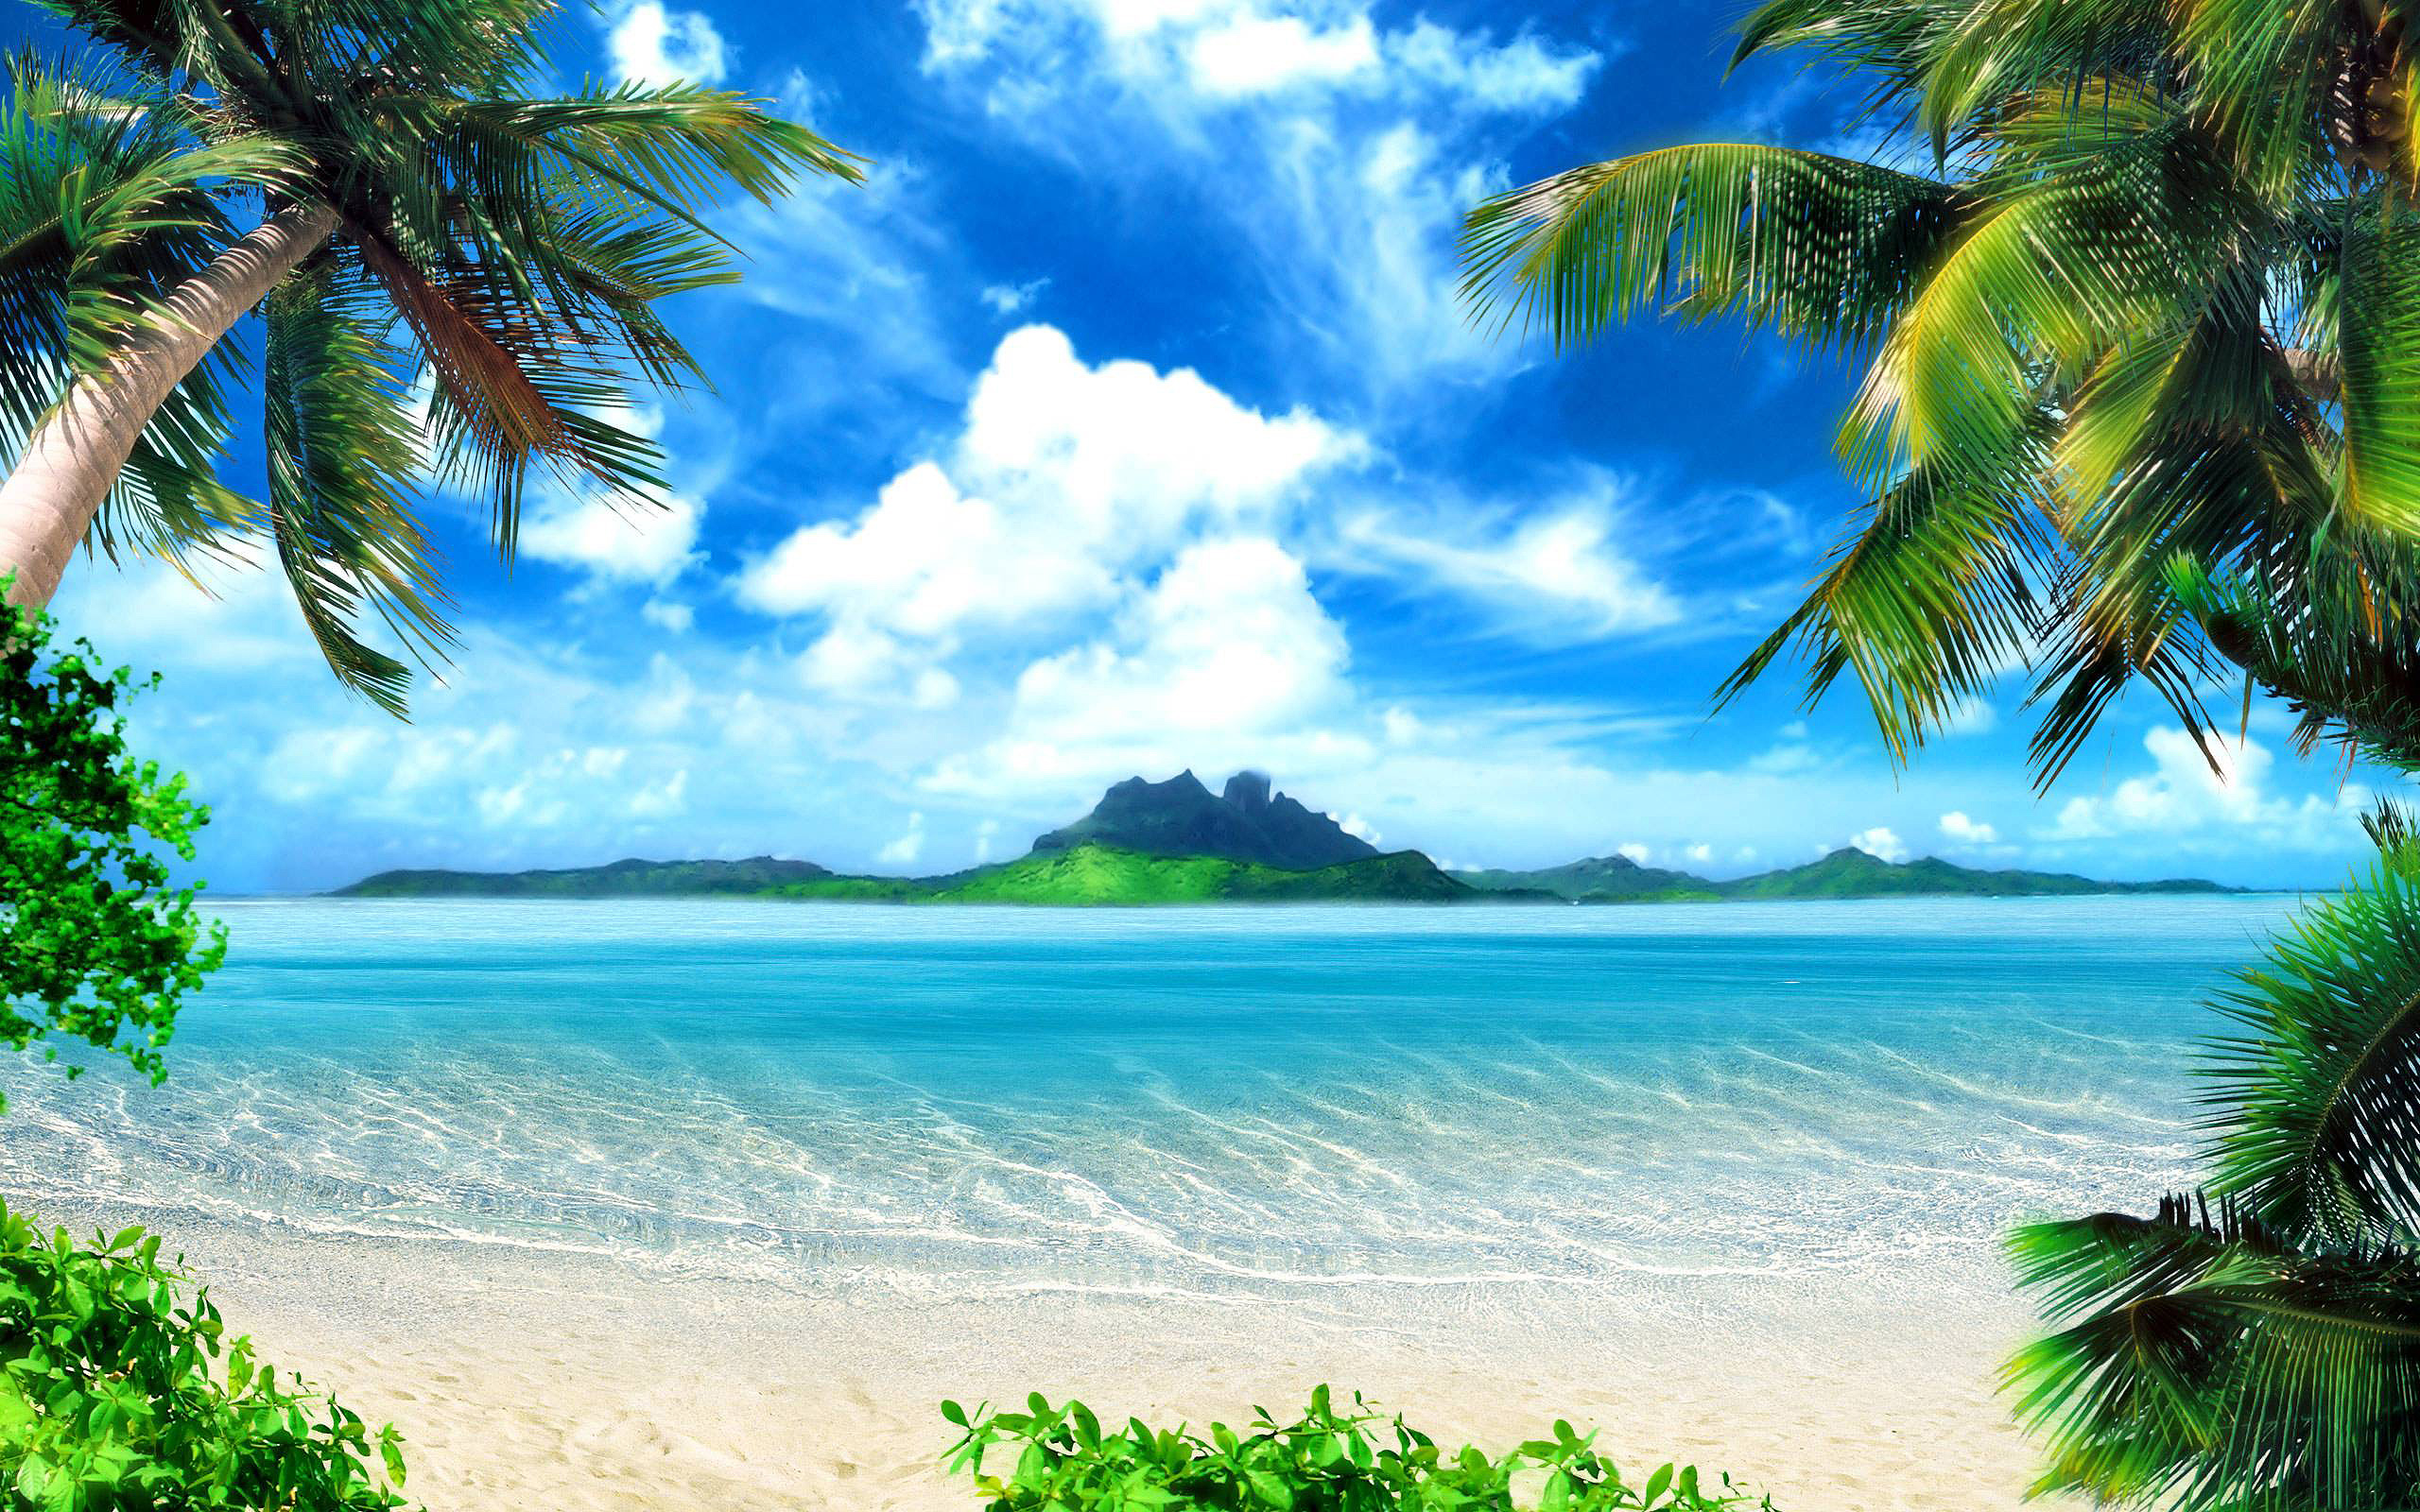 Beach Wallpaper wallpaper Tropical Beach Wallpaper hd wallpaper 2560x1600